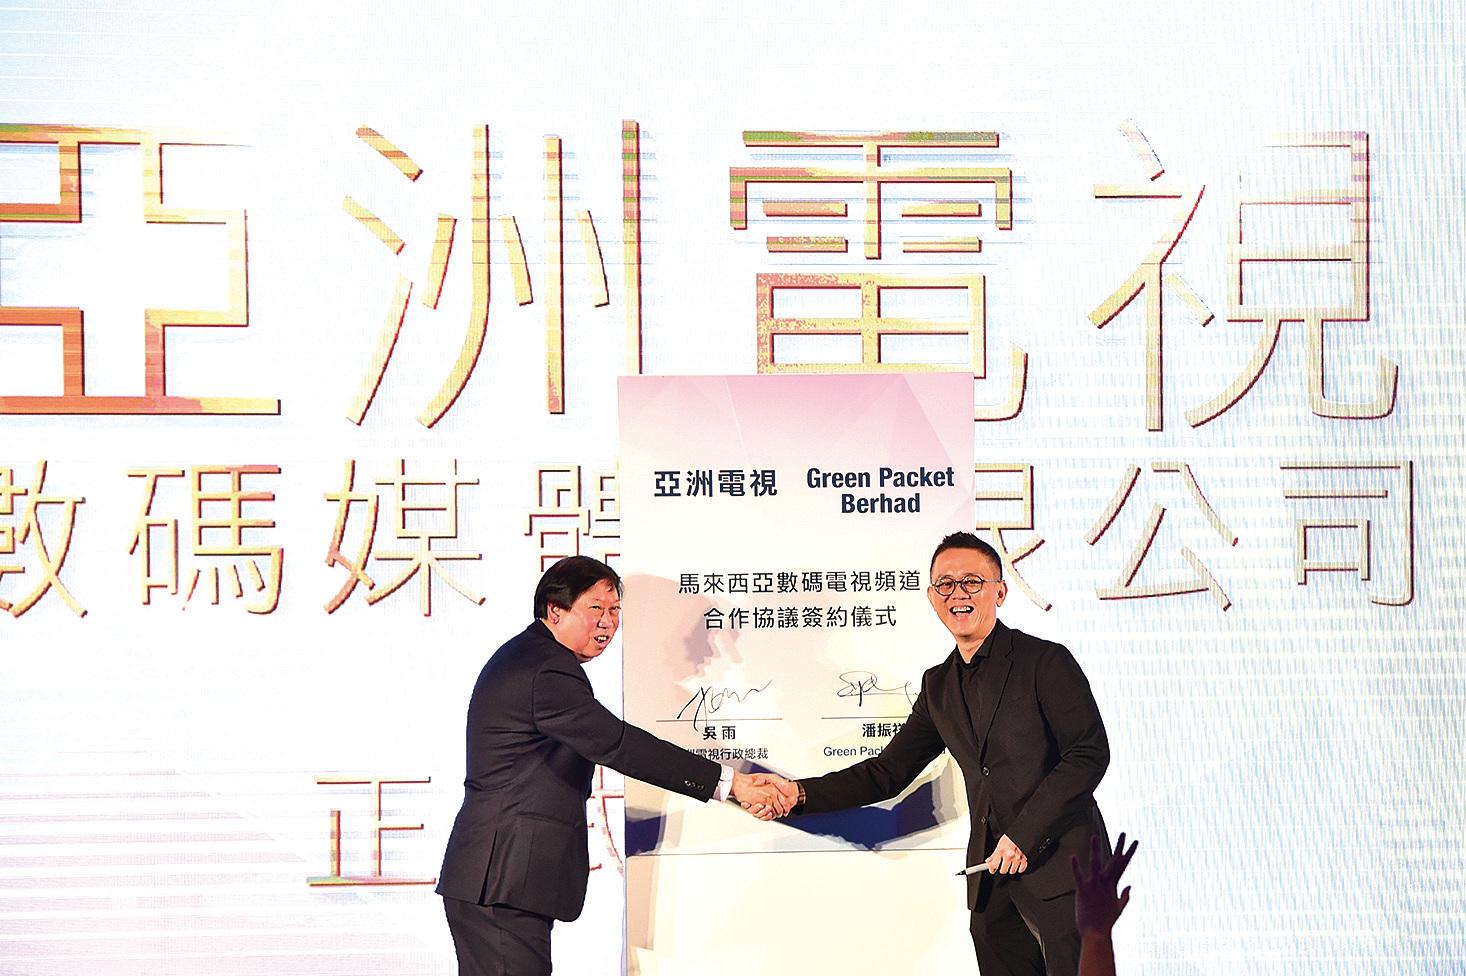 亞視OTT數碼重新開台   陳志雲主持新版《百萬富翁》